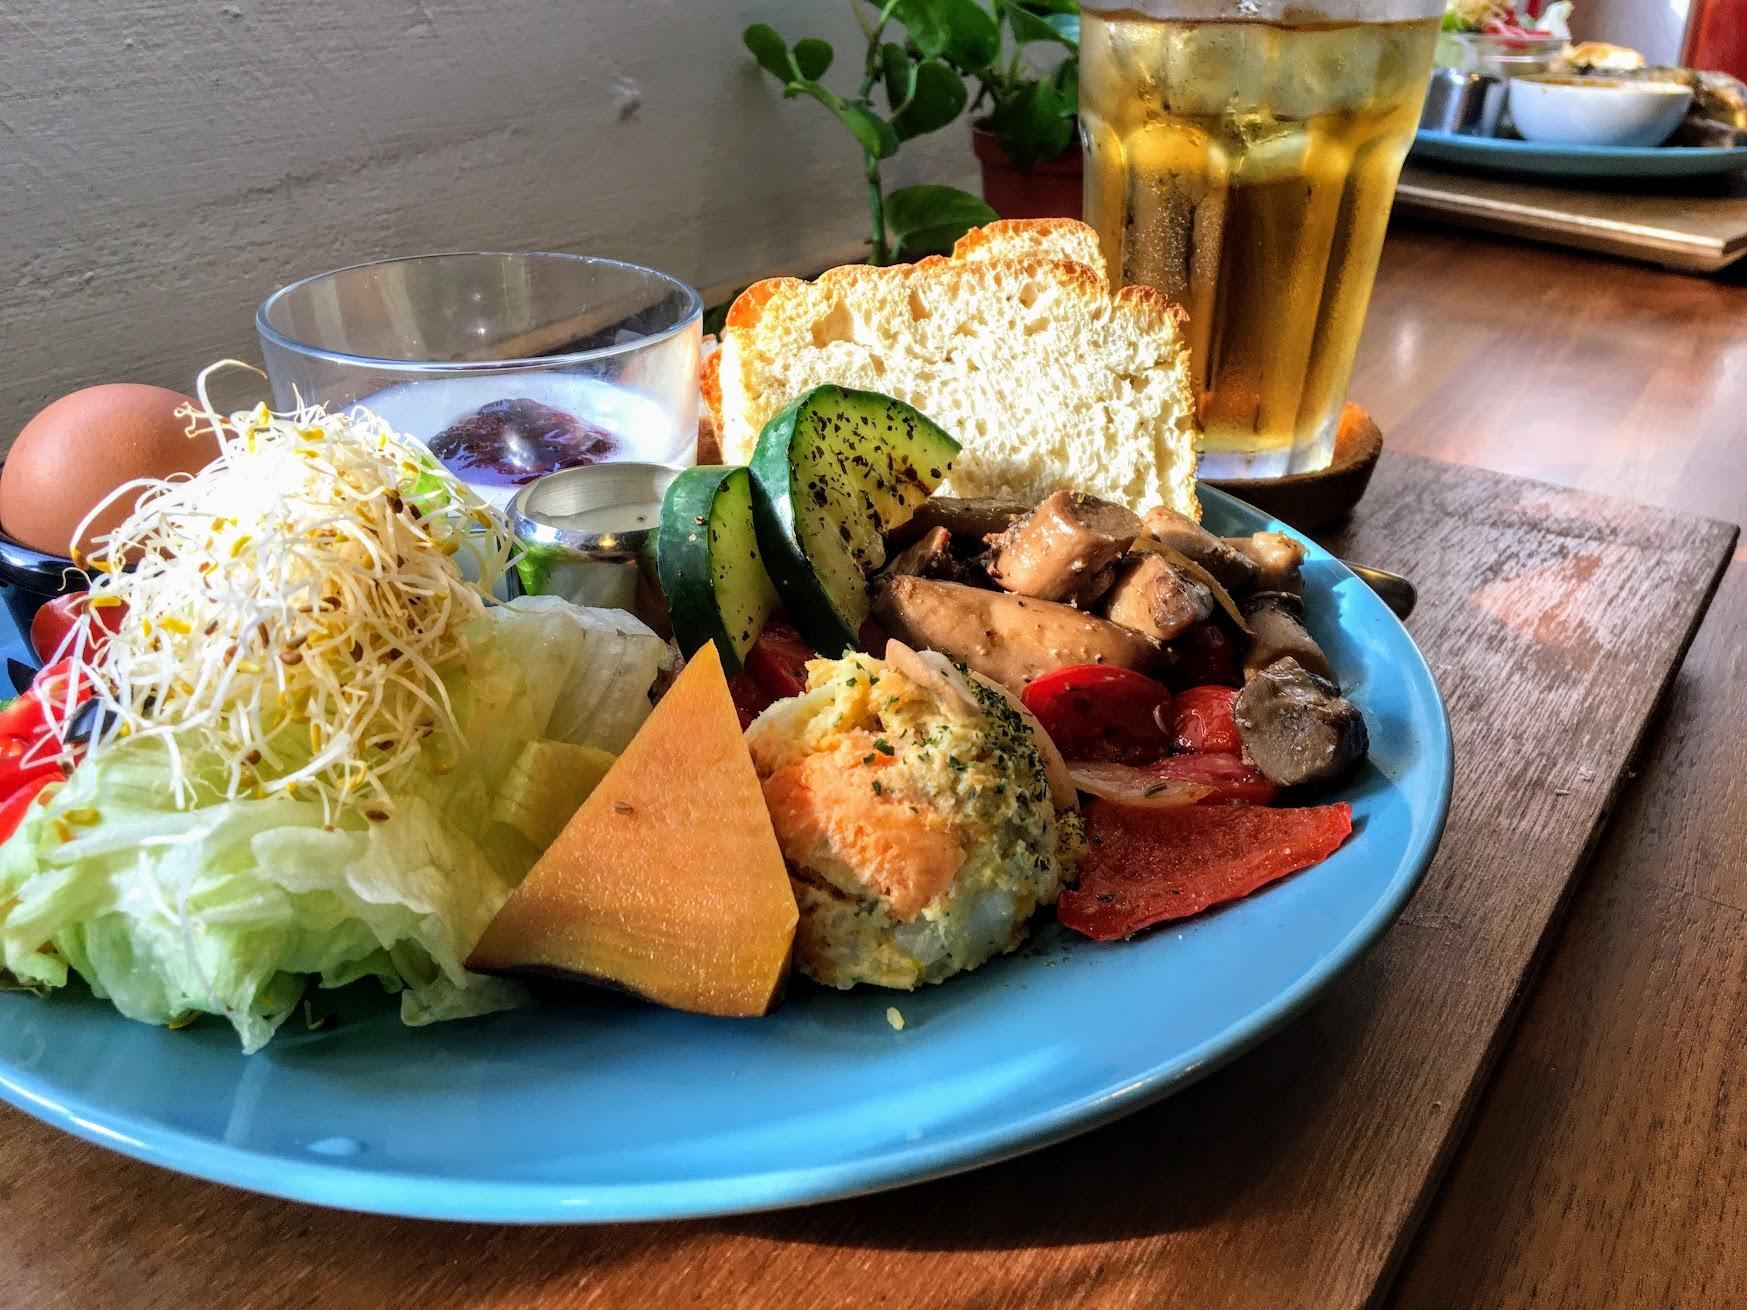 草食系素人早餐,可看到大量的蔬菜在旁邊